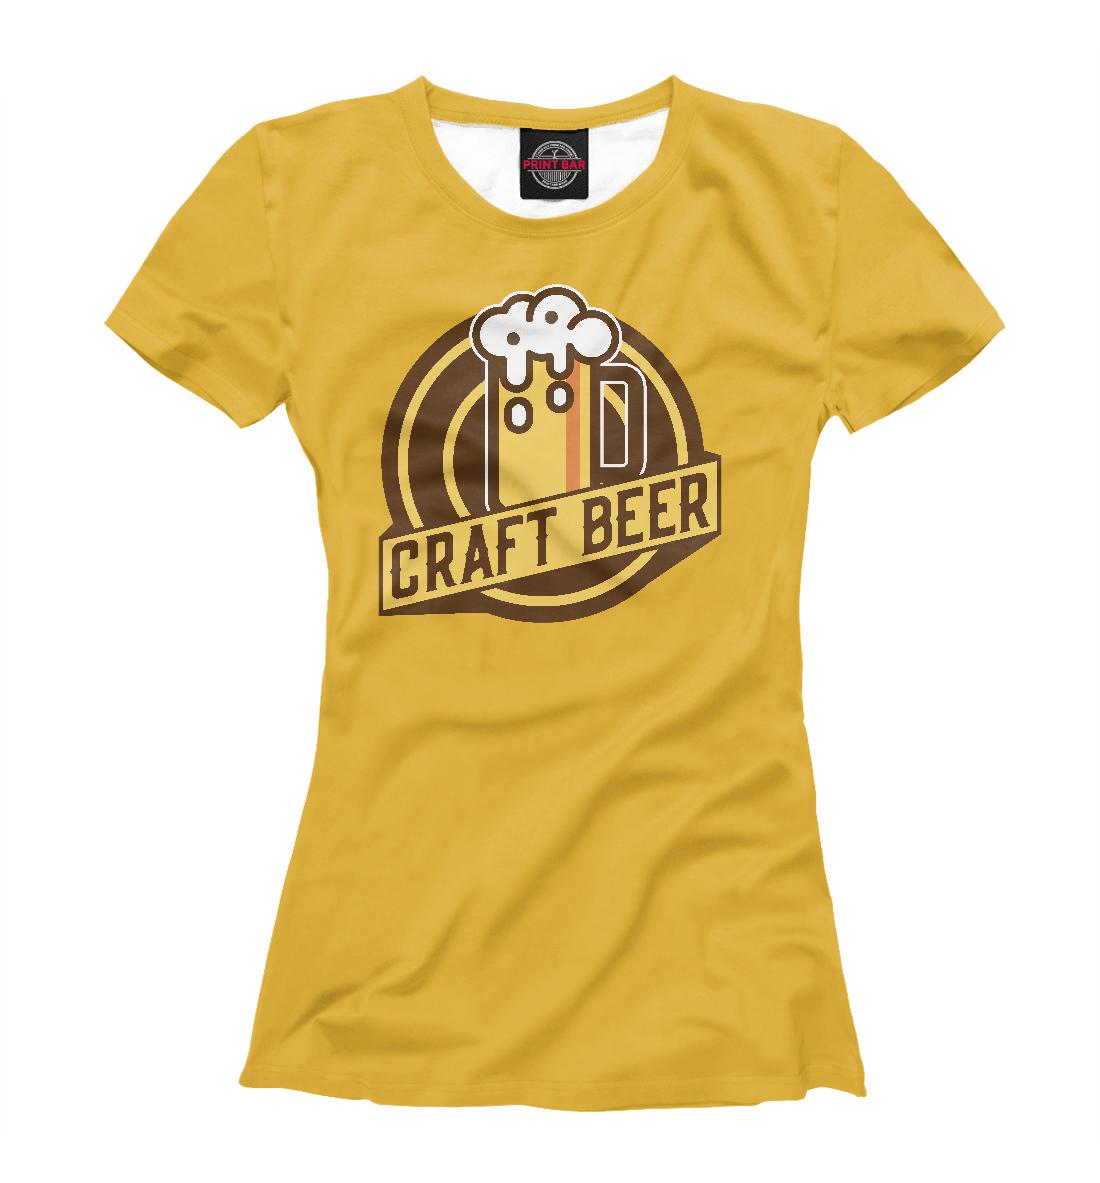 Купить Крафтовое пиво, Printbar, Футболки, MZH-960418-fut-1